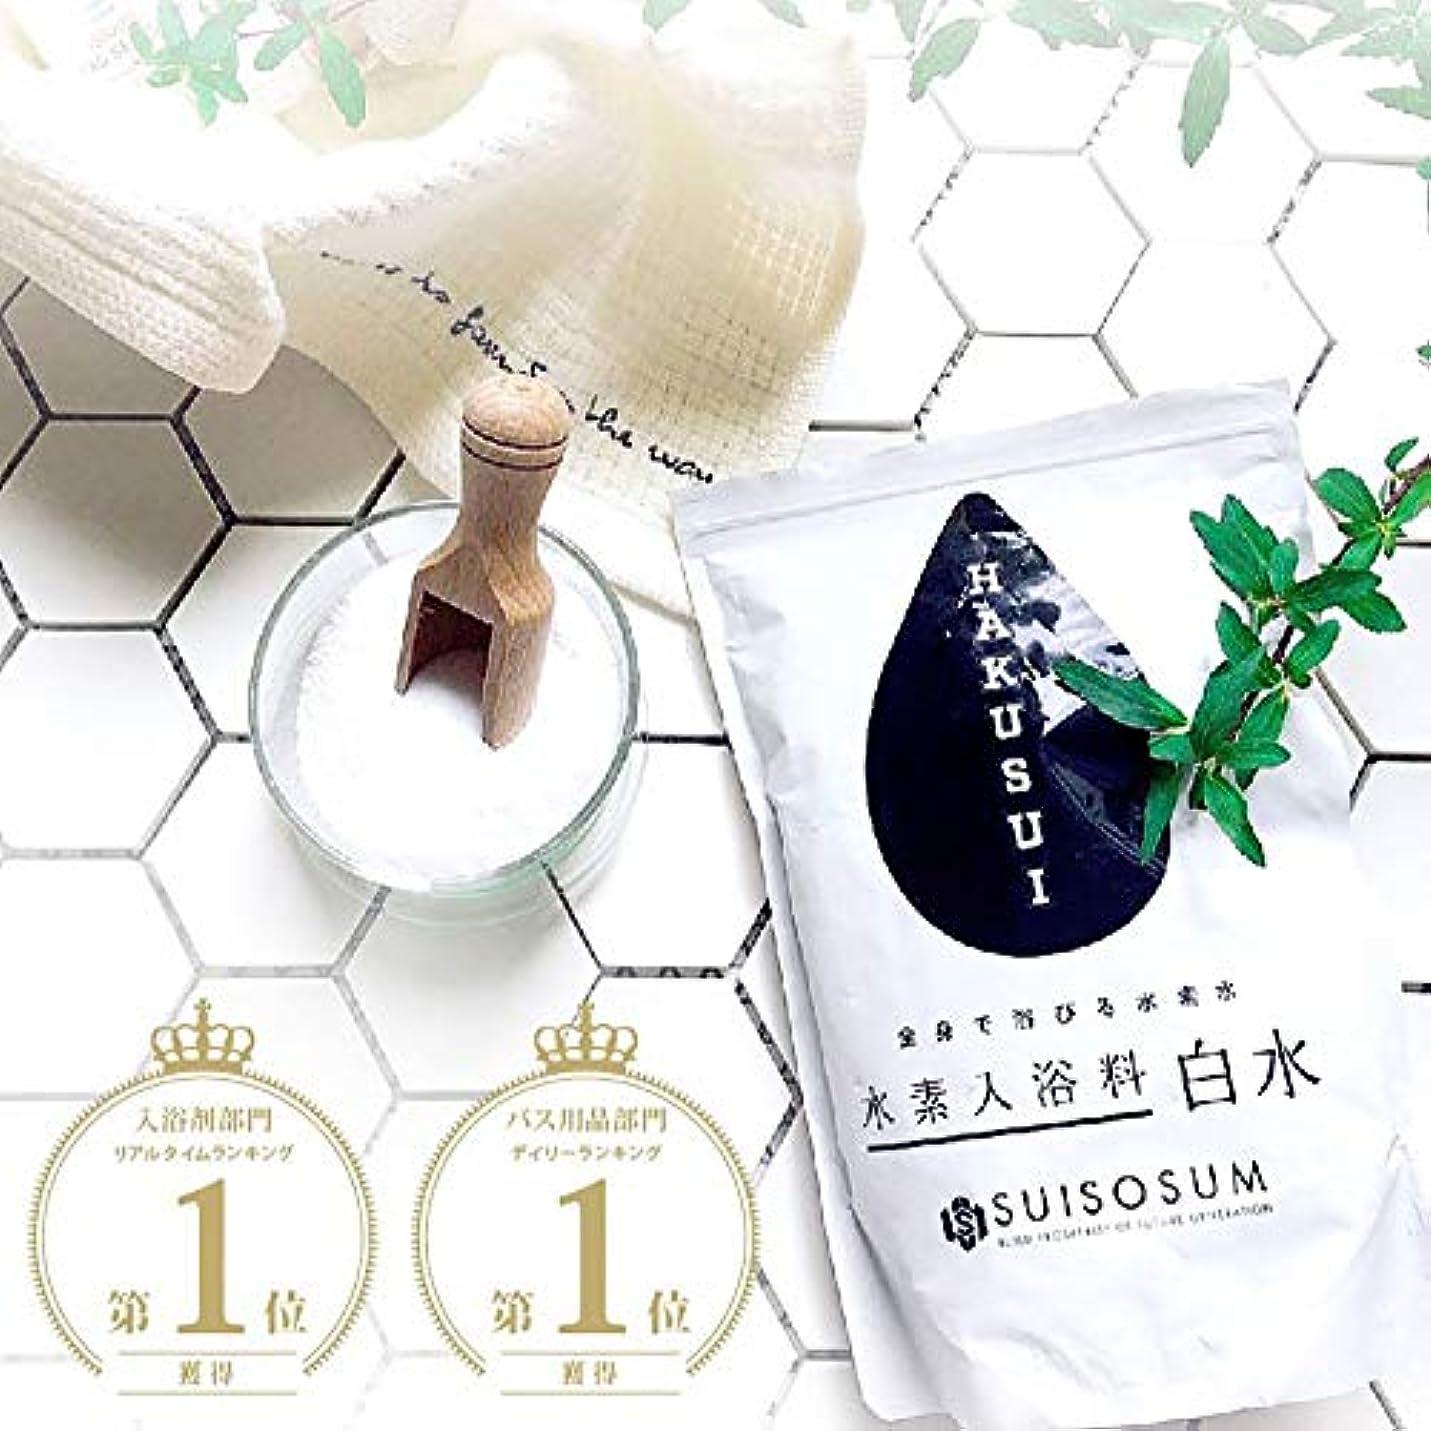 忙しいハードウェア不名誉水素入浴剤 【HAKUSUI】(白水)750g 30回分〔温活 美肌 シルク湯 冷え性 水素入浴〕